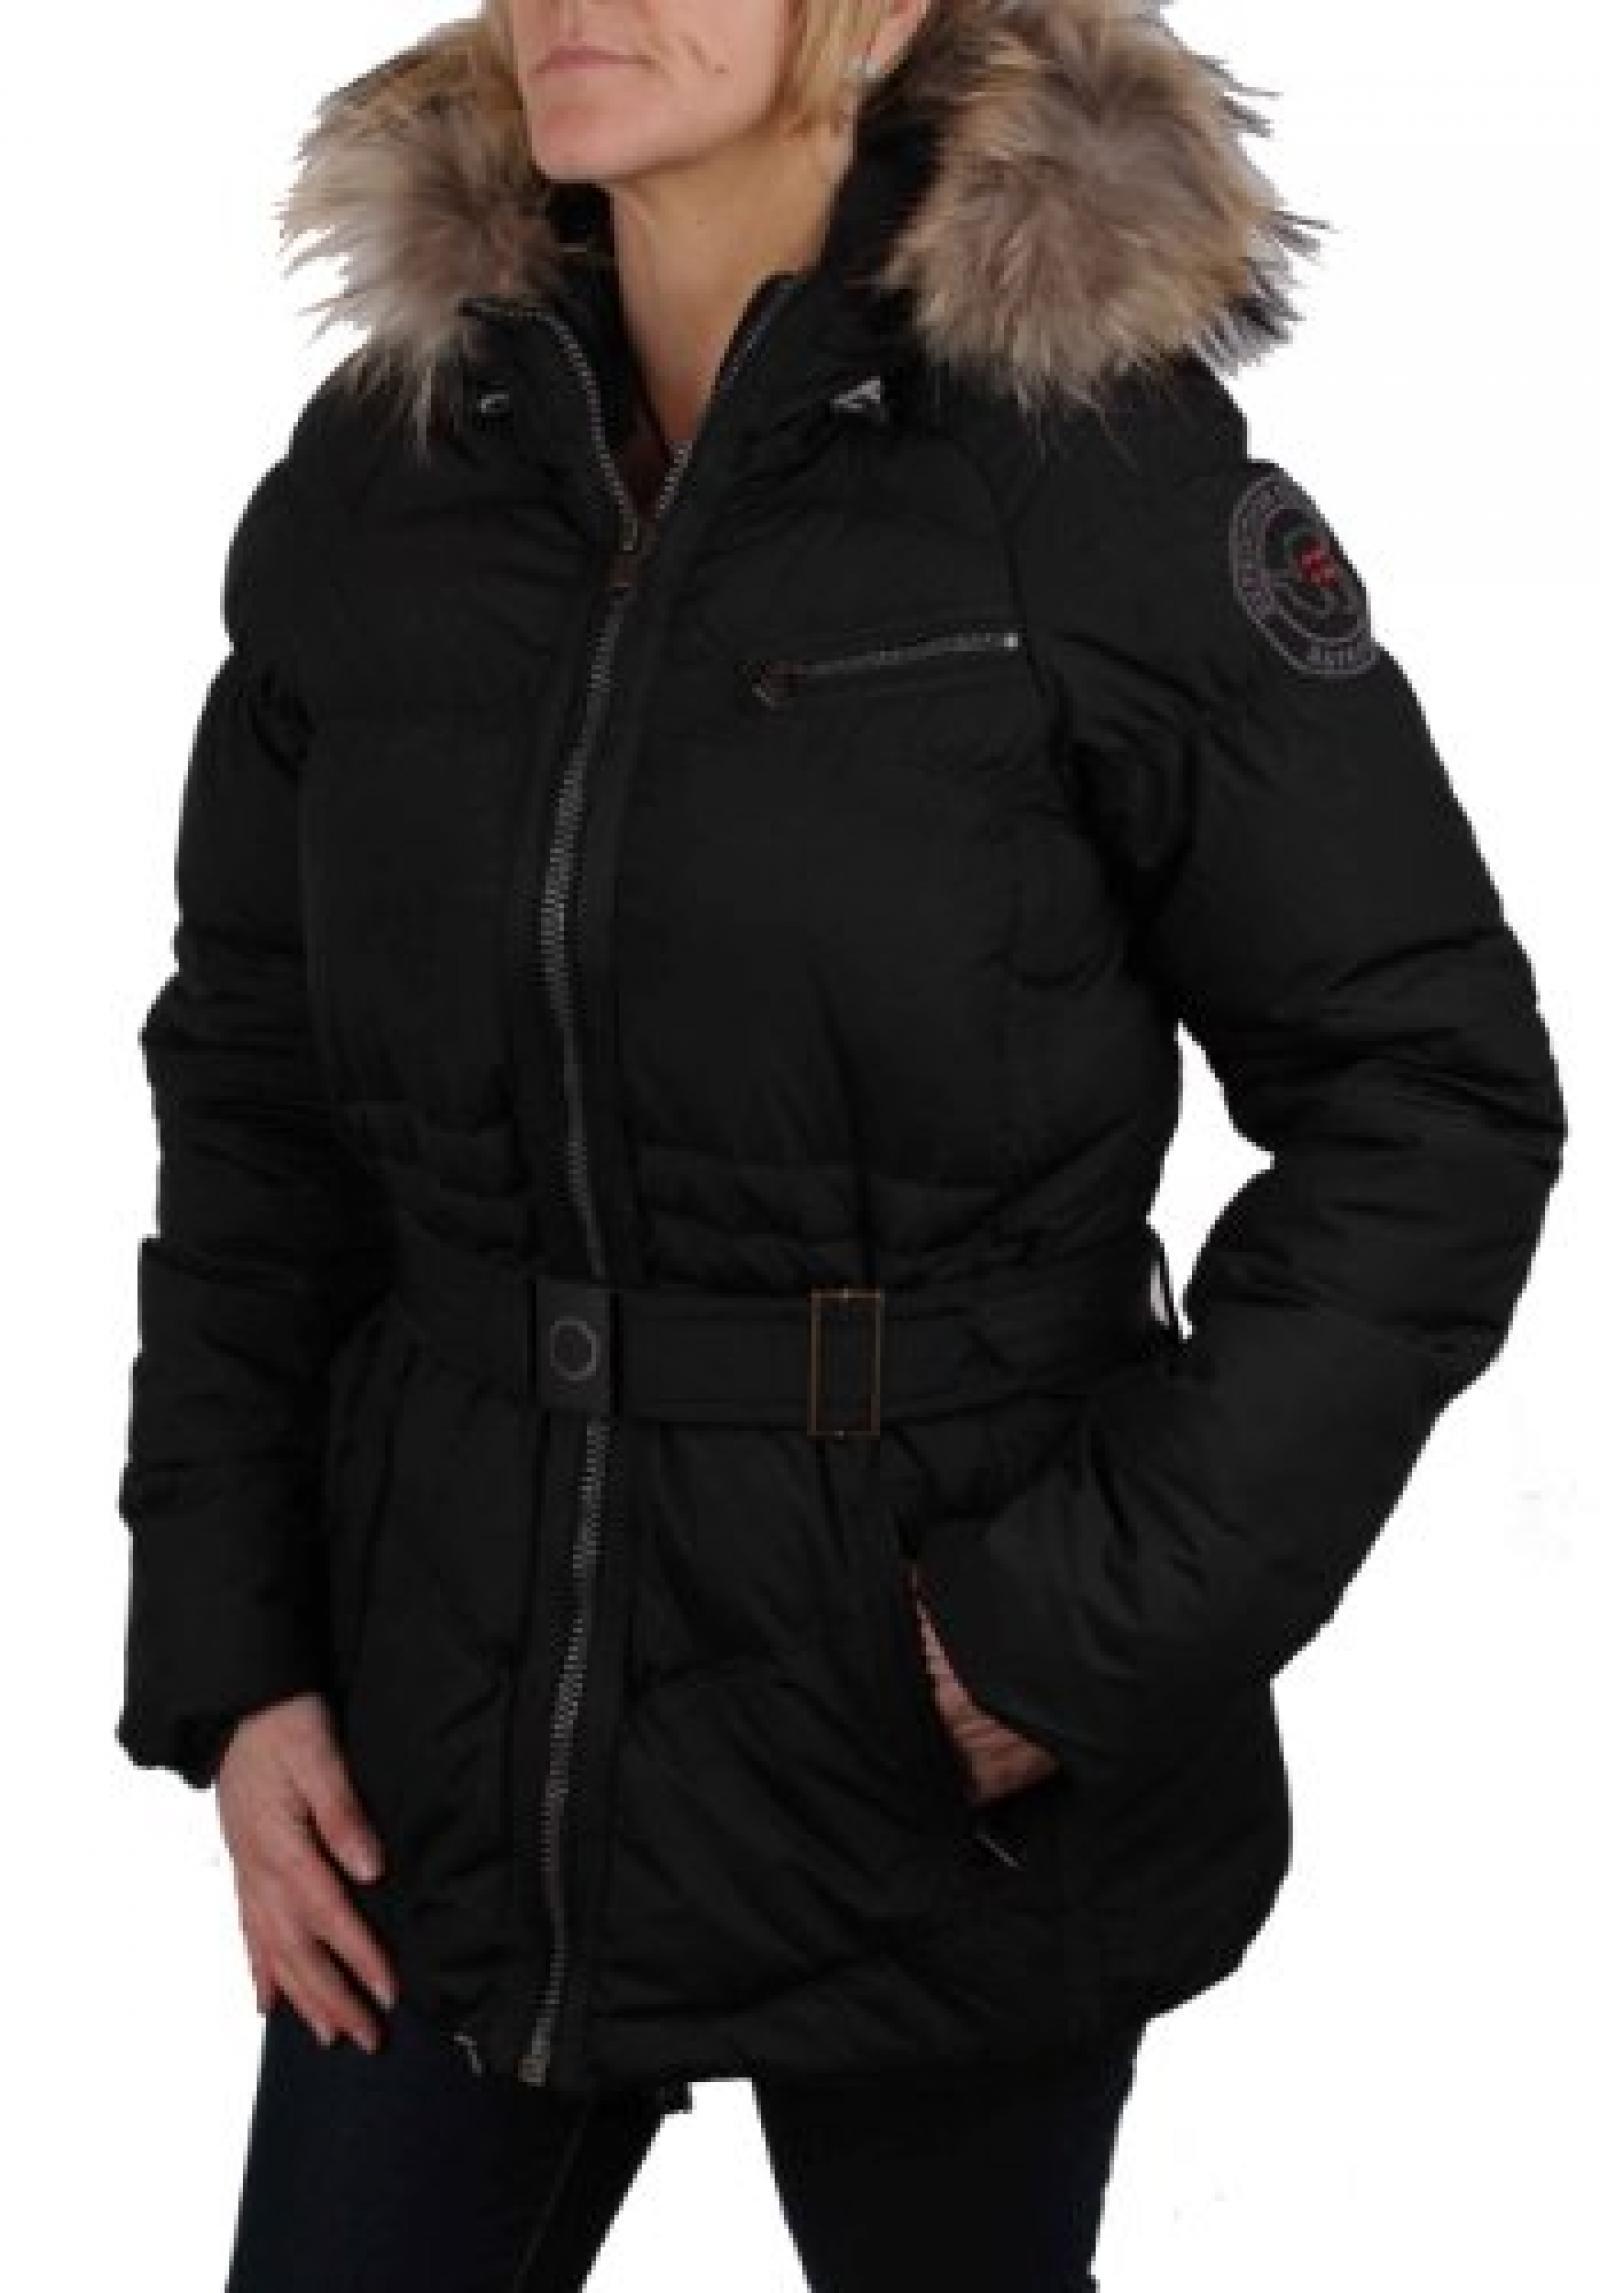 Napapijri Damen Jacke Mantel Parka Daunen Schwarz Gr. L #RIF020